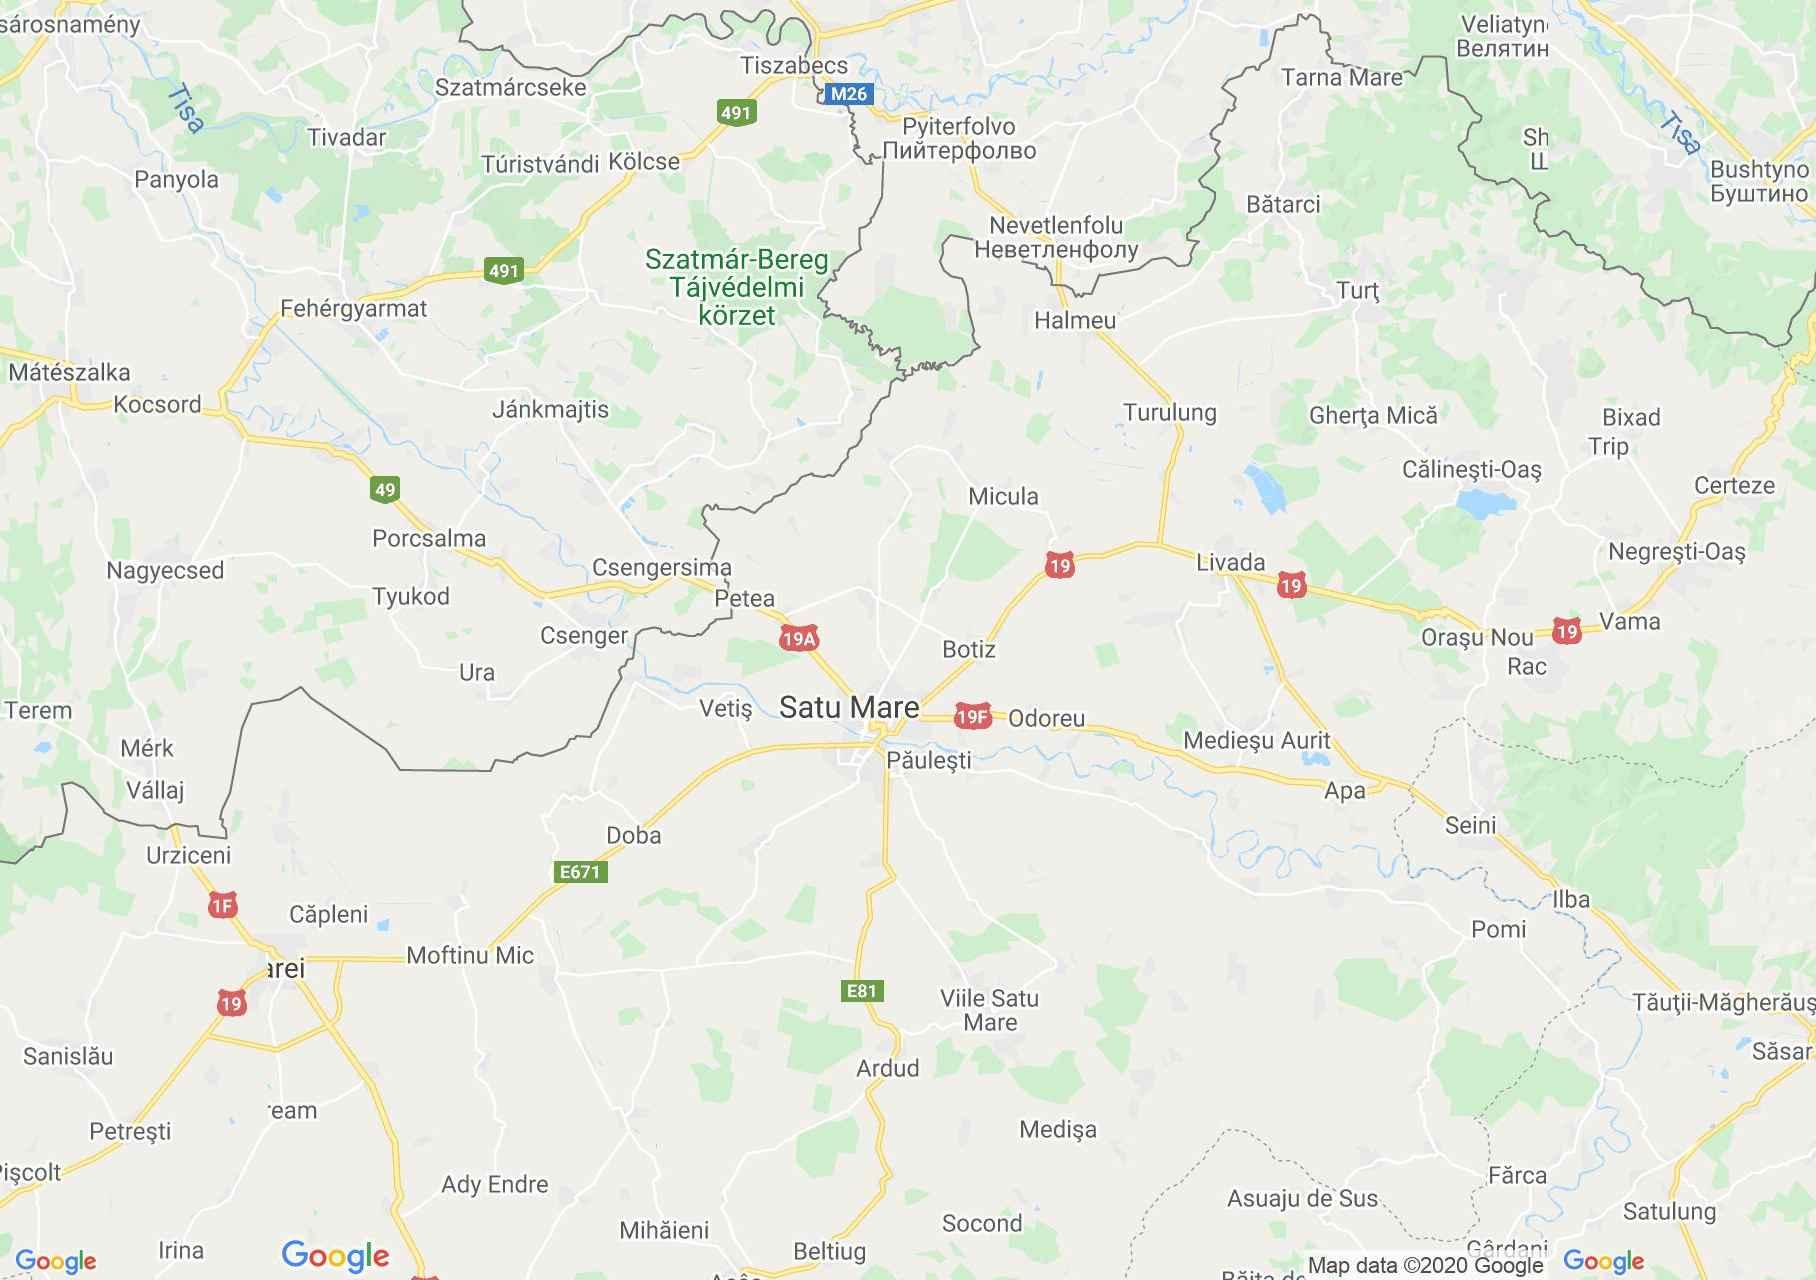 Folklor: Szatmári népviselet  (térkép)